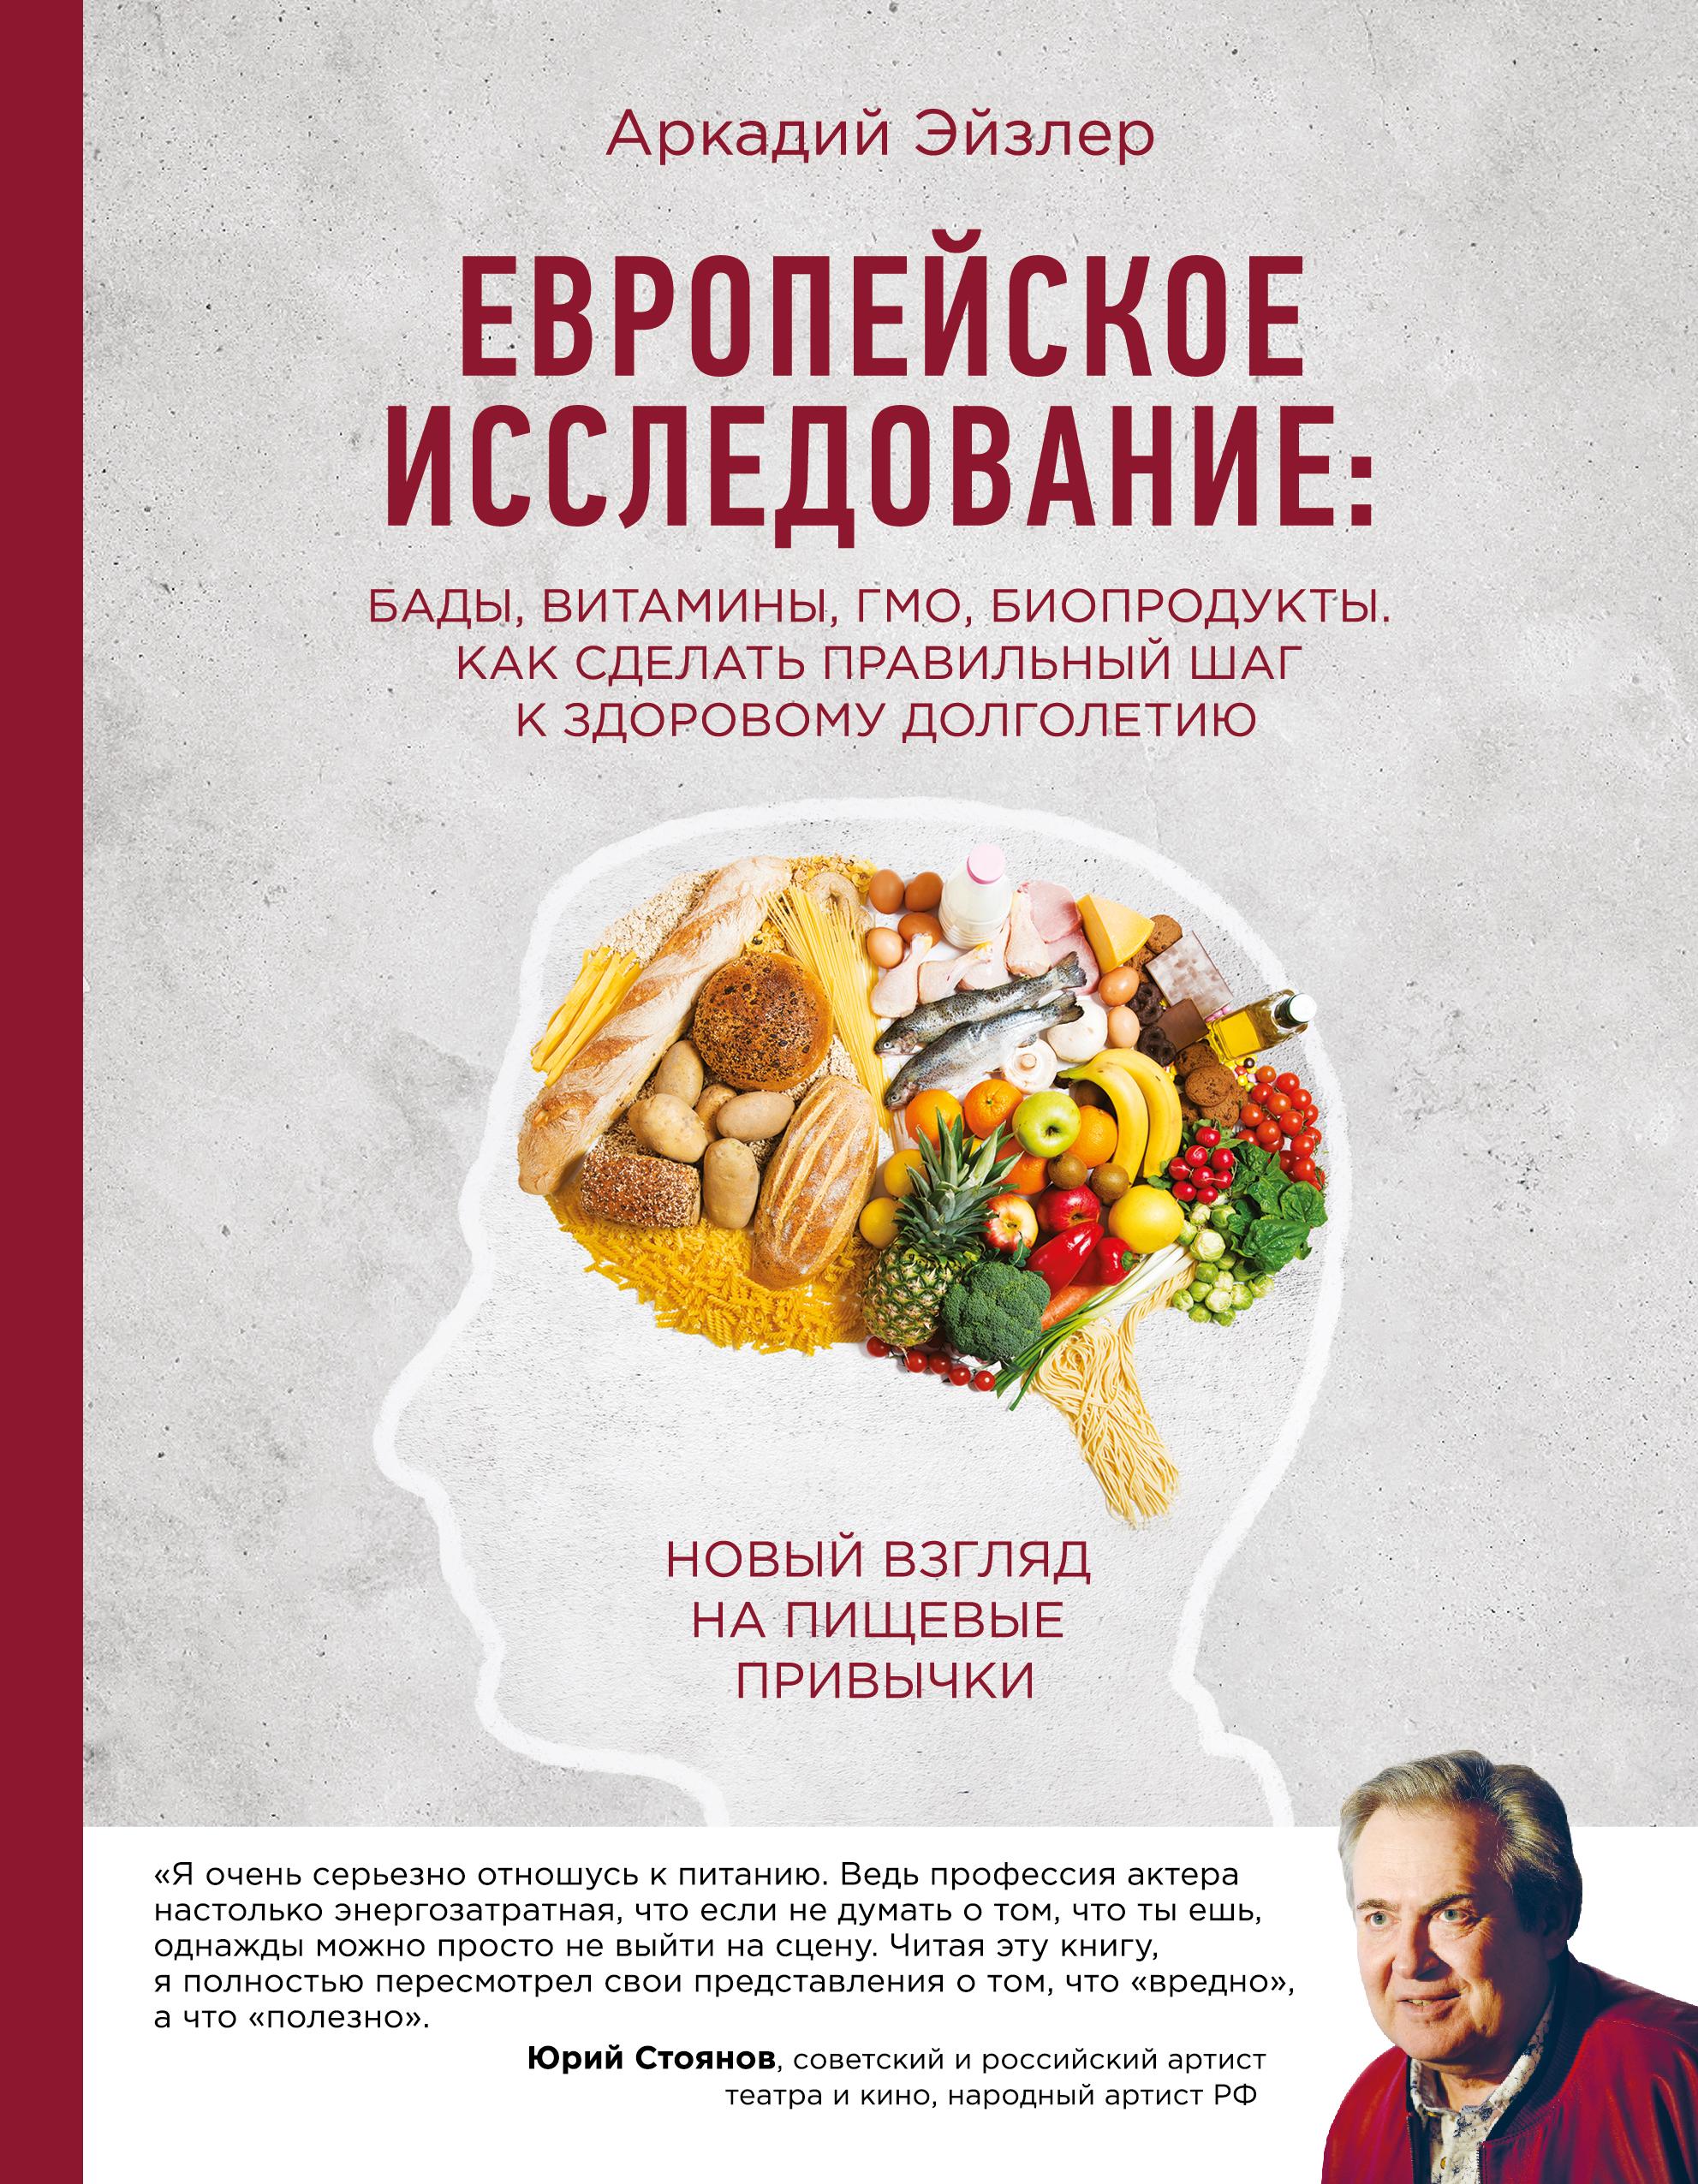 Аркадий Эйзлер Европейское исследование: БАДы, витамины, ГМО, биопродукты. Как сделать правильный шаг к здоровому долголетию бады